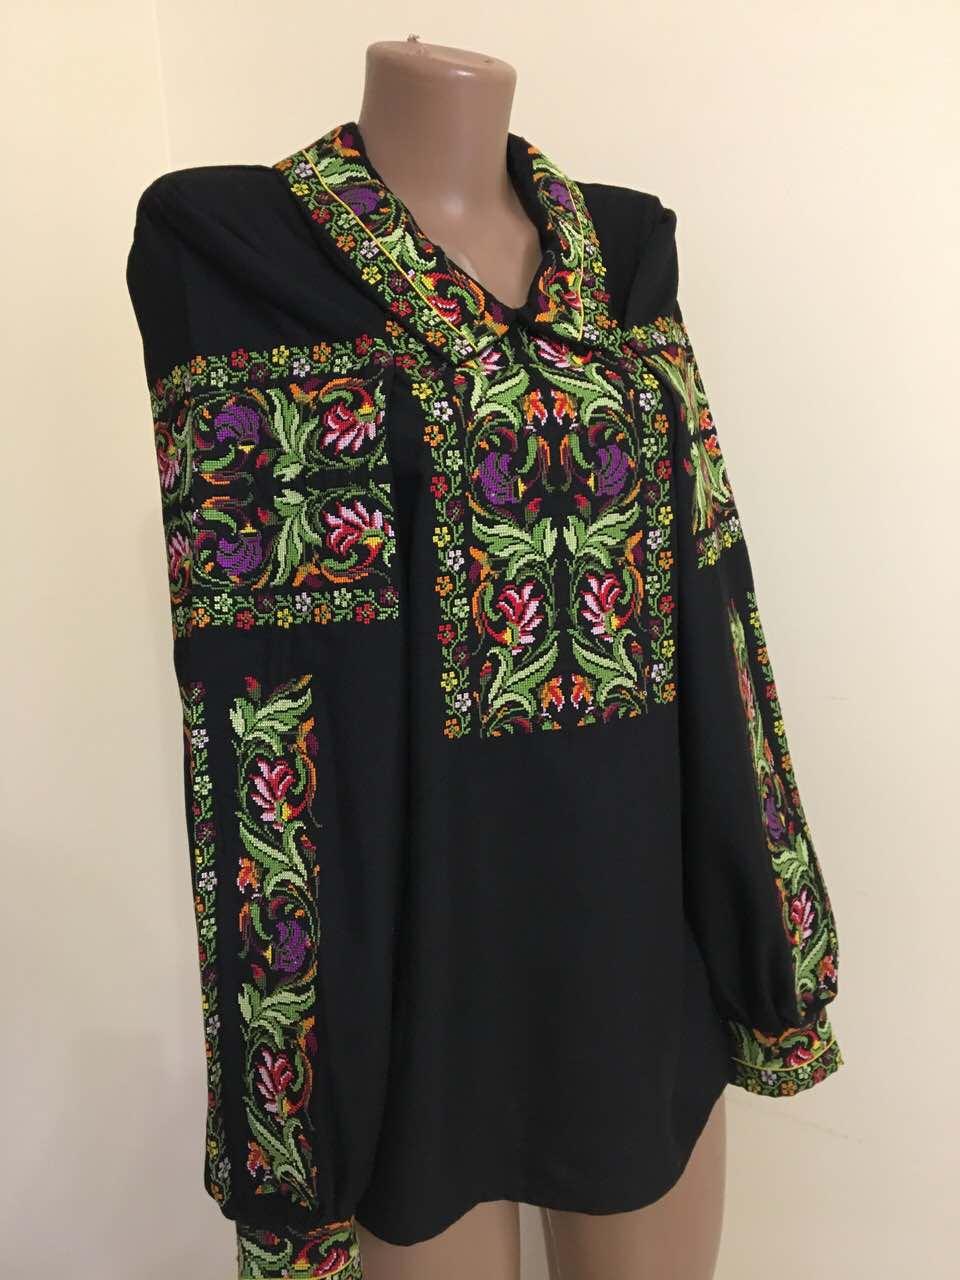 Дизайнерська вишита сорочка на комірець розмір 42-44 (S-M)  продажа ... e886c6128b069